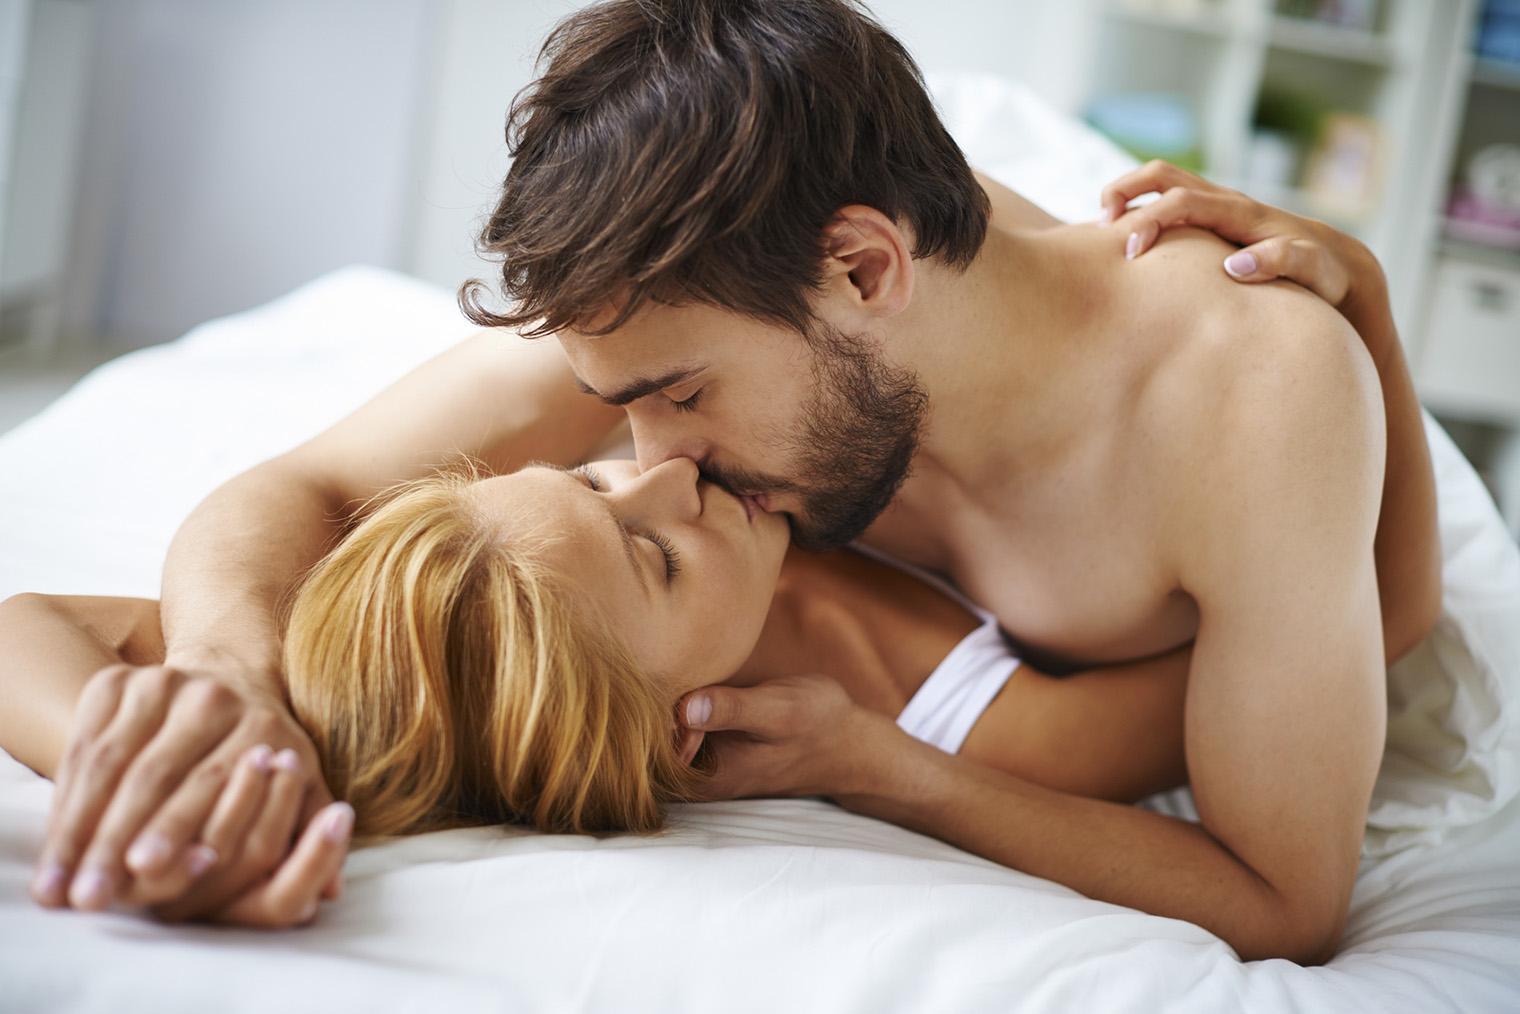 Секс приятный нежный, опускают и ебут парня